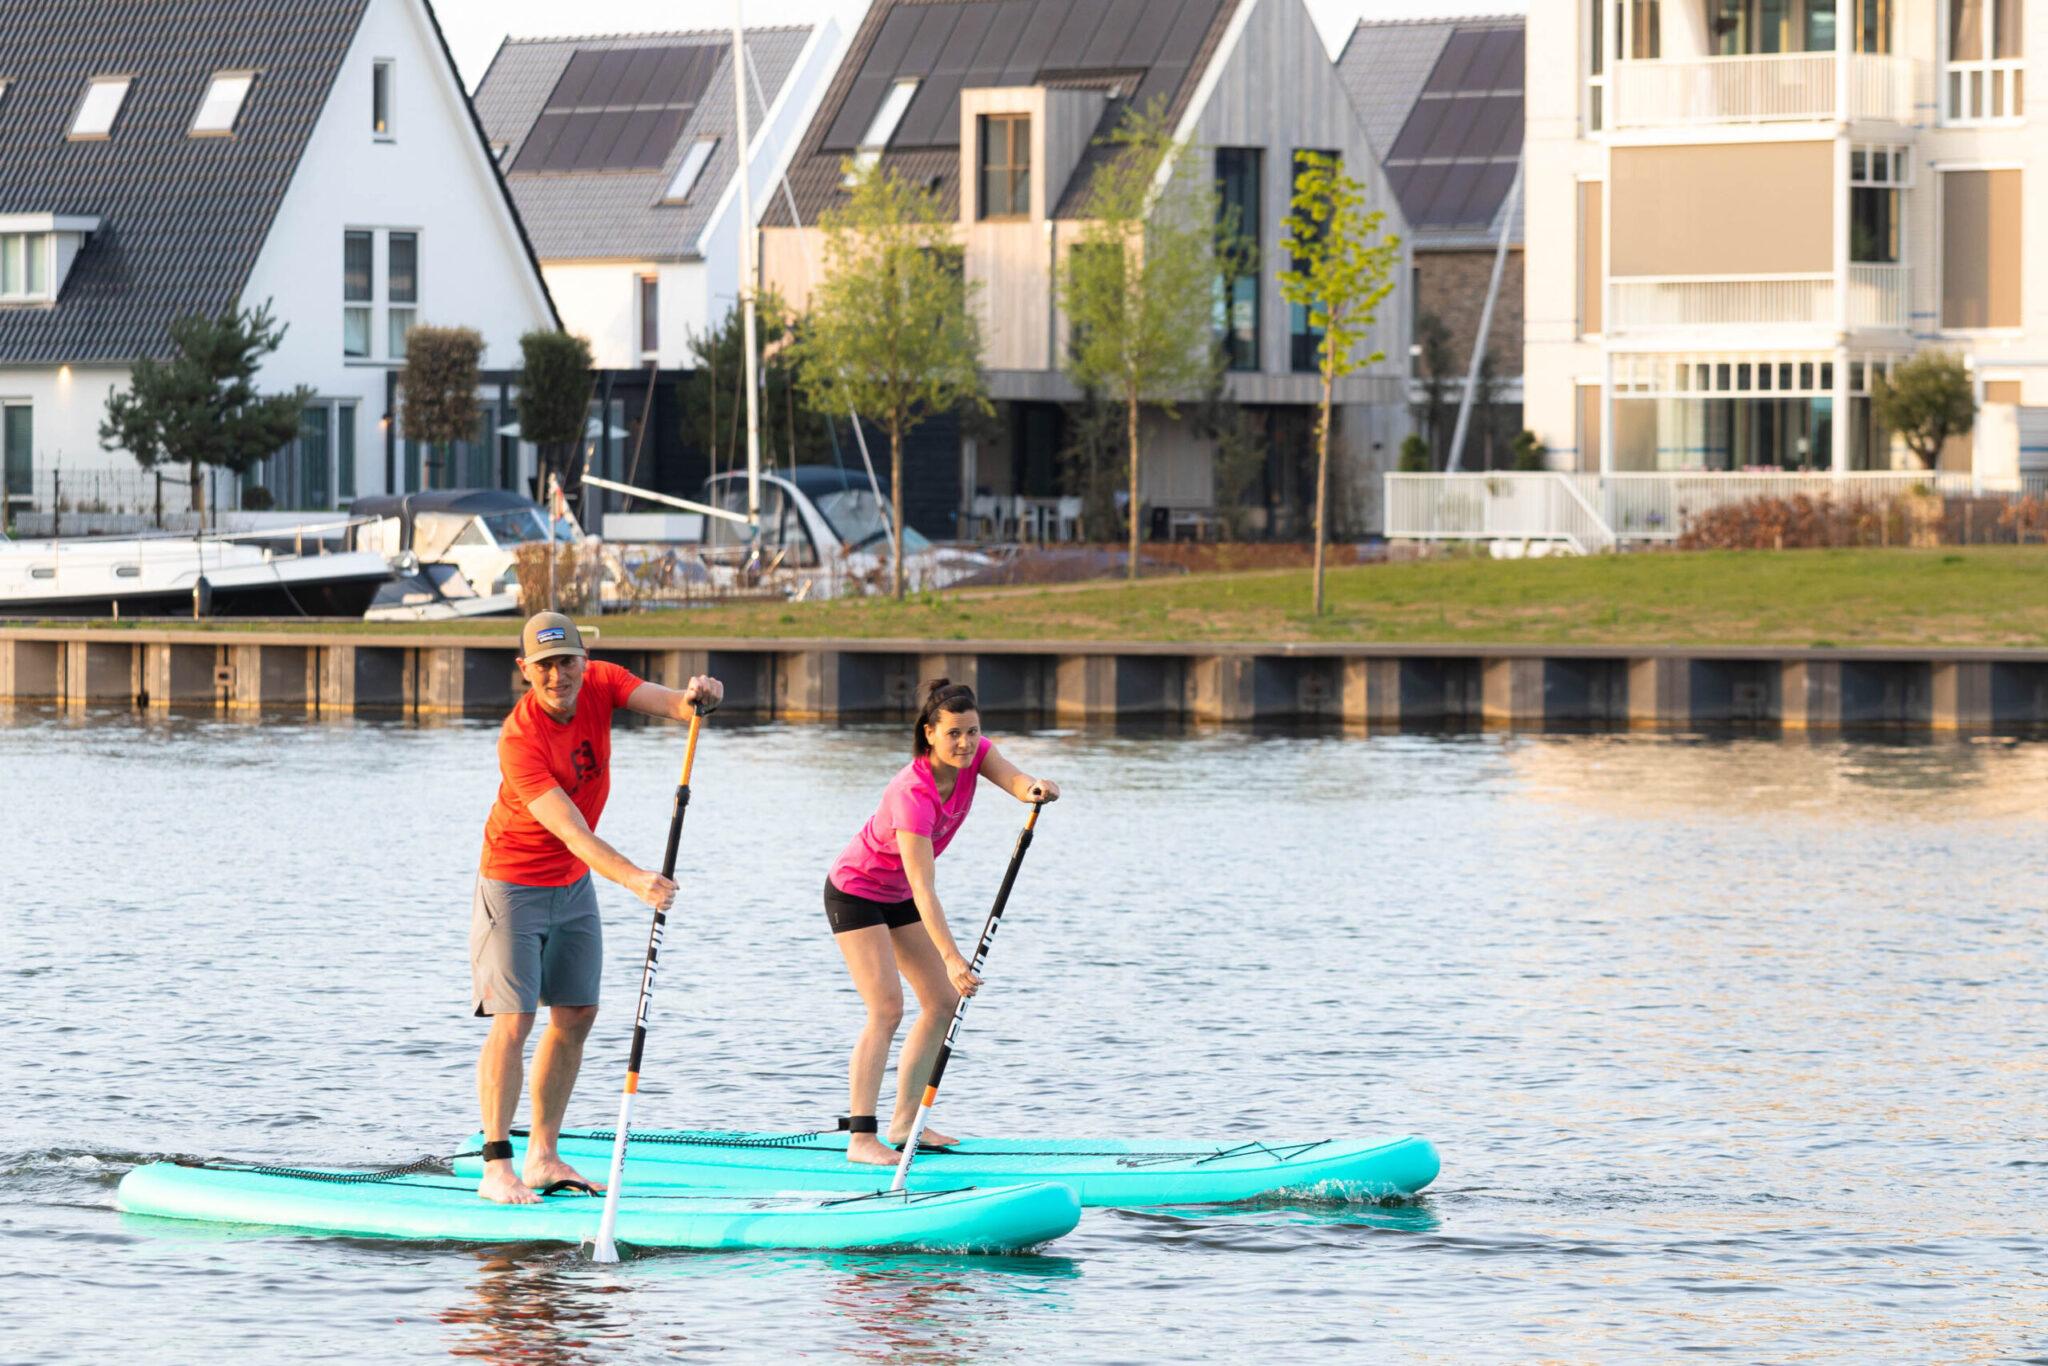 Marnix en Diane runnen nieuwe watersport in Harderwijk, suppen! Sup and go SUP&GO